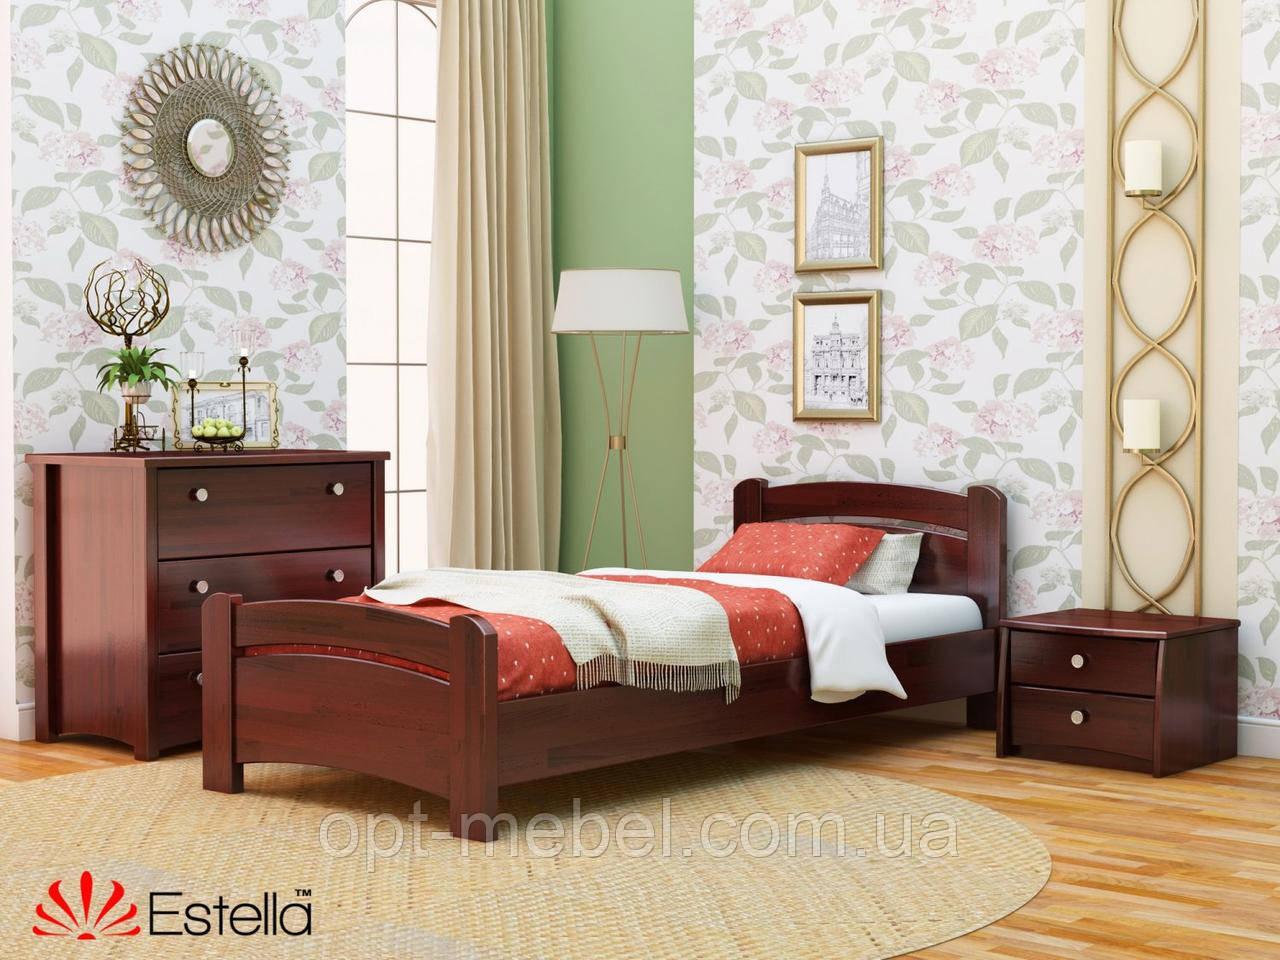 Ліжко Венеція Естелла 90*200